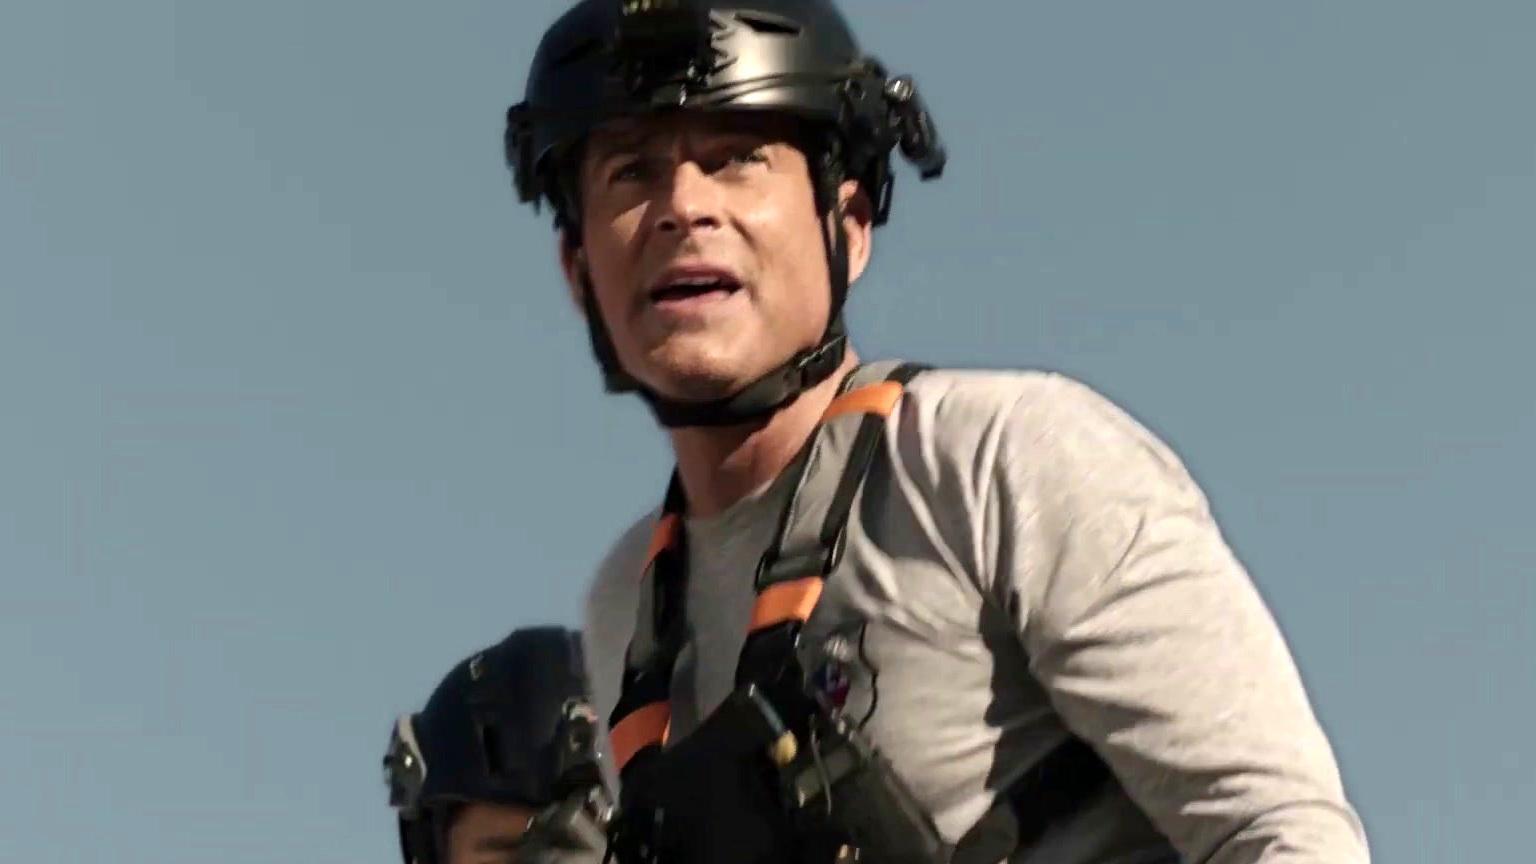 9-1-1: Lone Star: Owen & T.K. Navigate A Dangerous Minefield